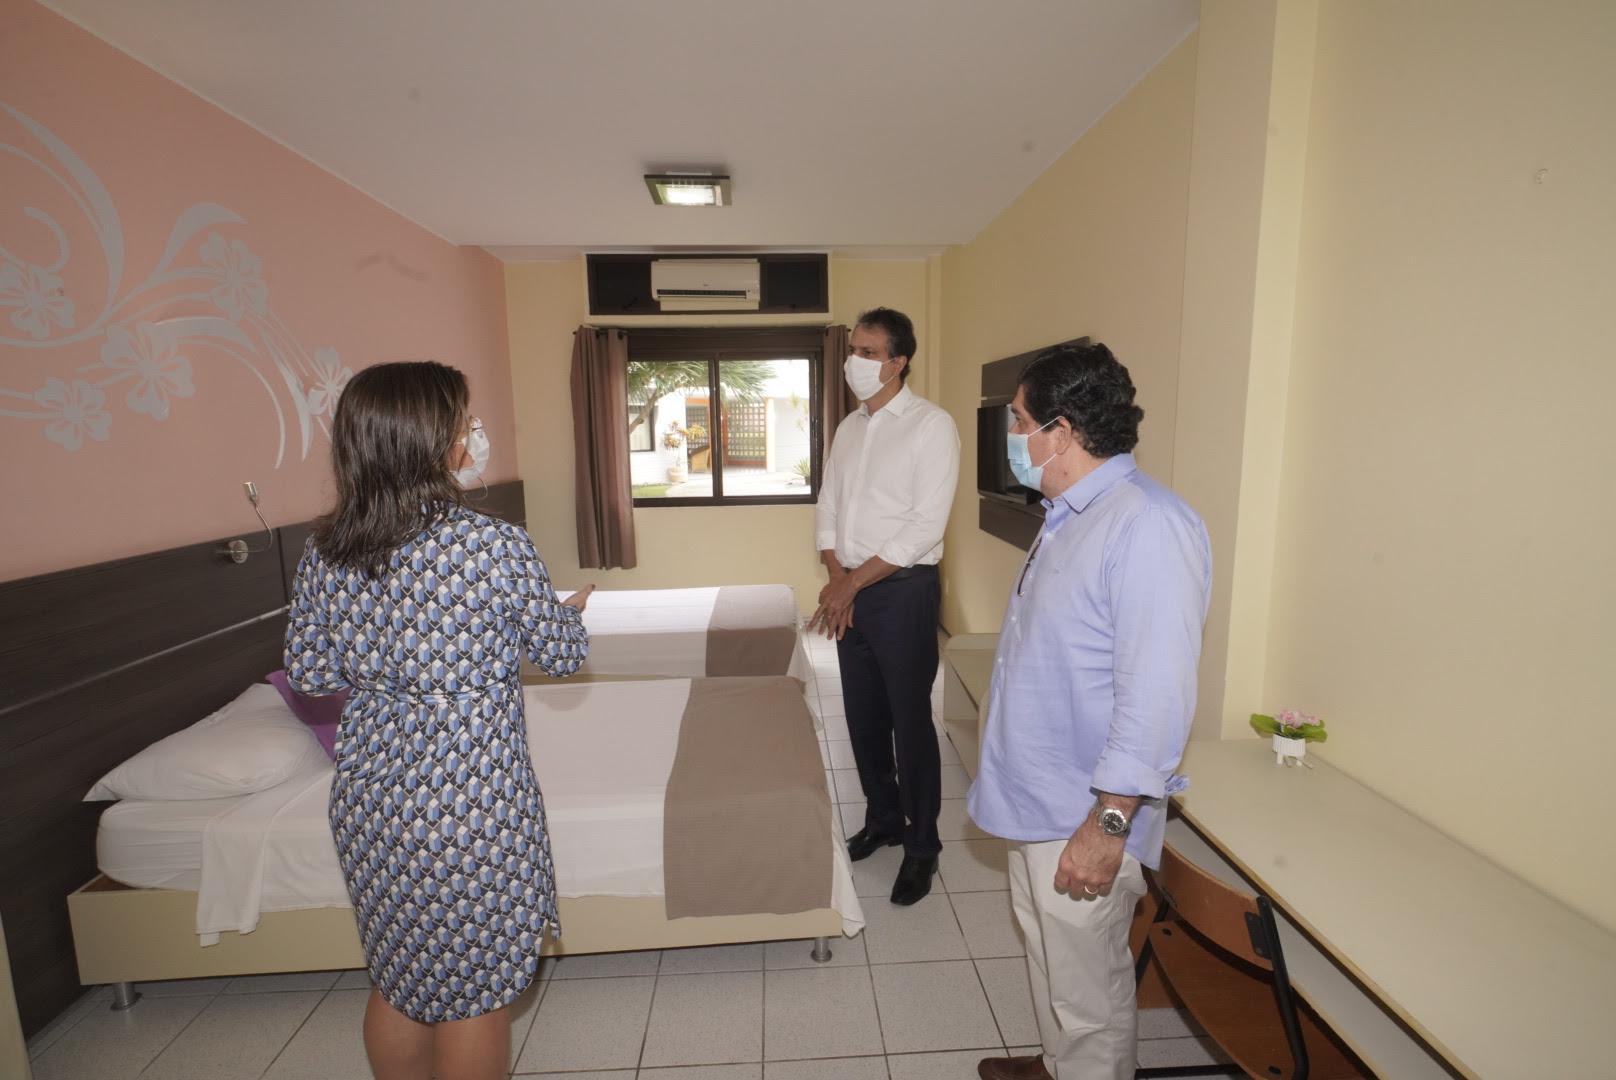 O Hotel Recanto Uirapuru foi selecionado por meio de chamamento público